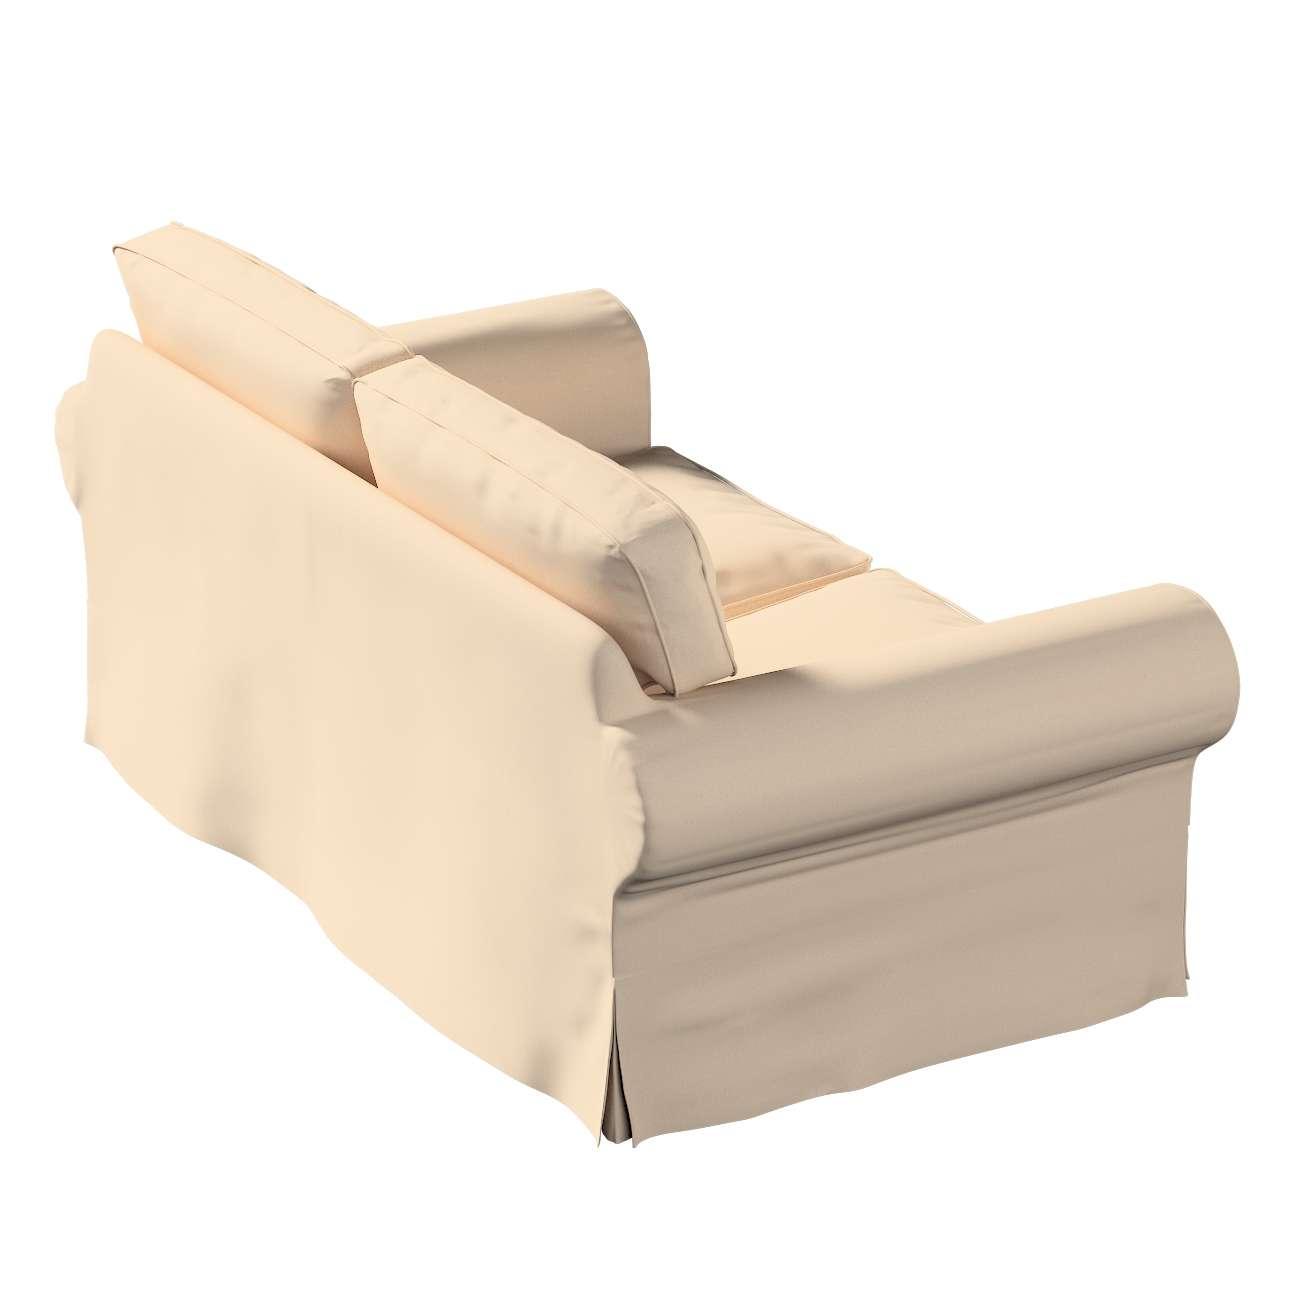 Pokrowiec na sofę Ektorp 2-osobową rozkładaną, model po 2012 w kolekcji Living, tkanina: 160-61